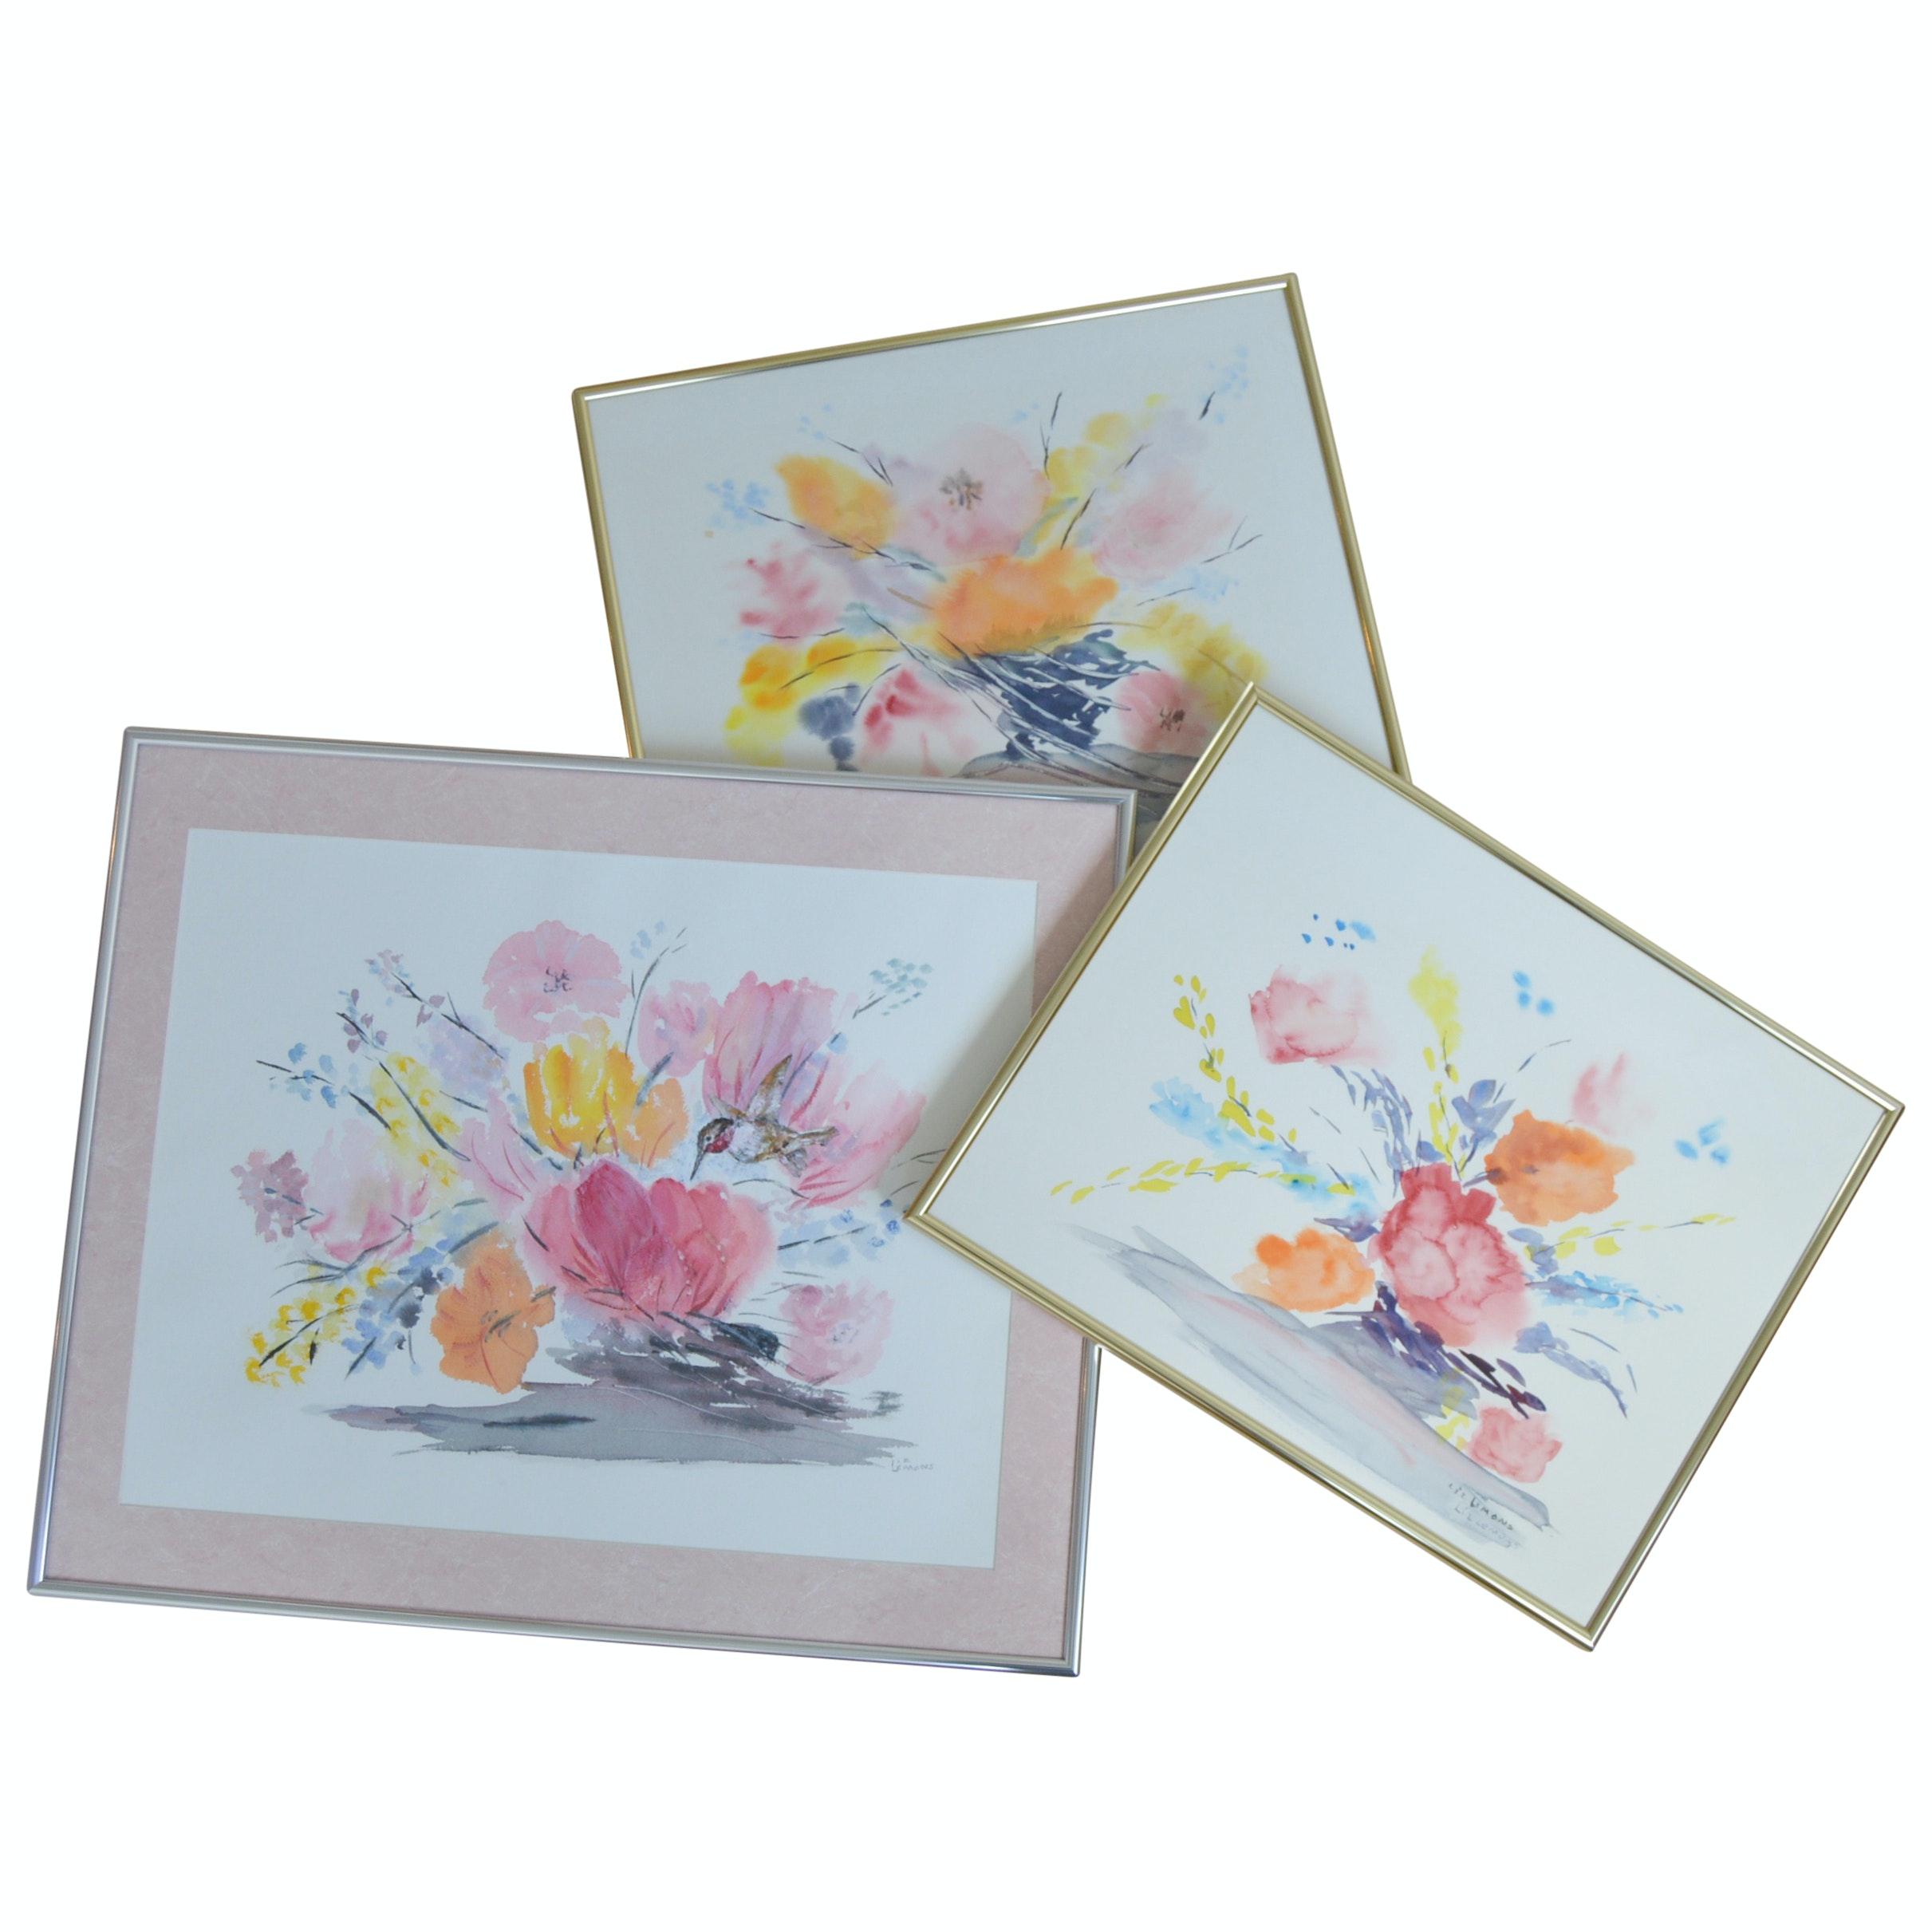 Liz Lemons Original Watercolors